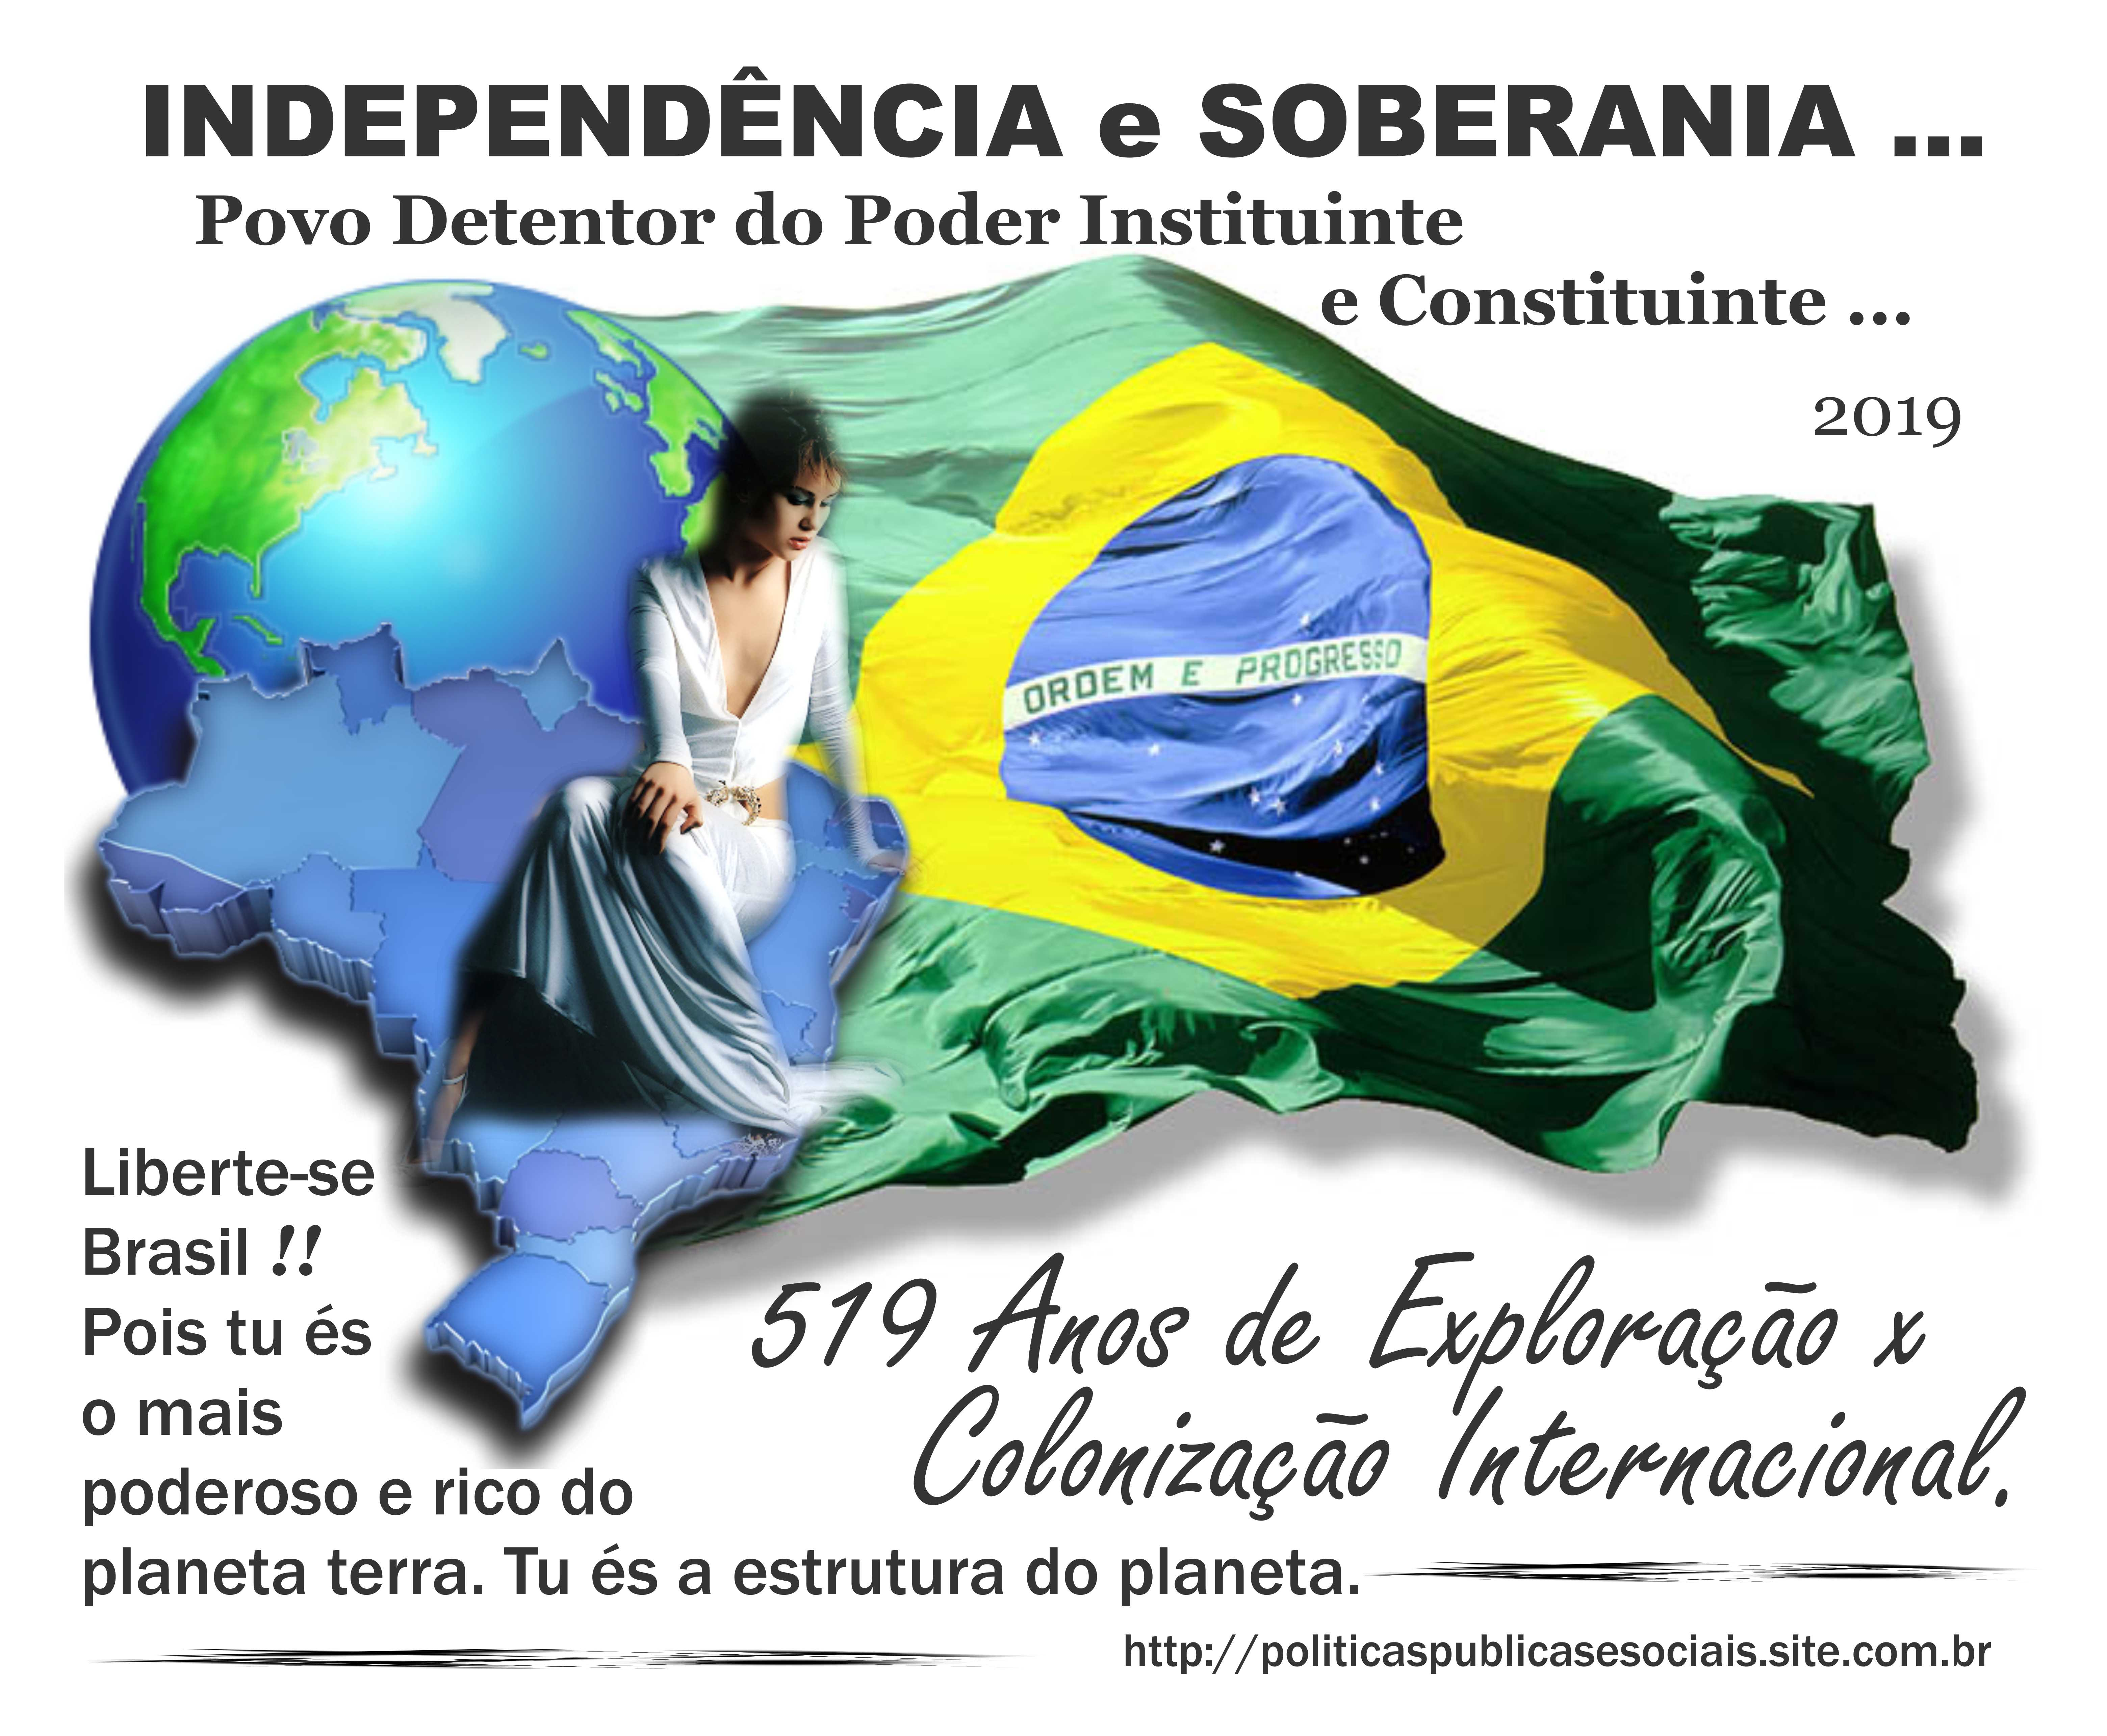 INDEPENDÊNCIA e SOBERANIA 004